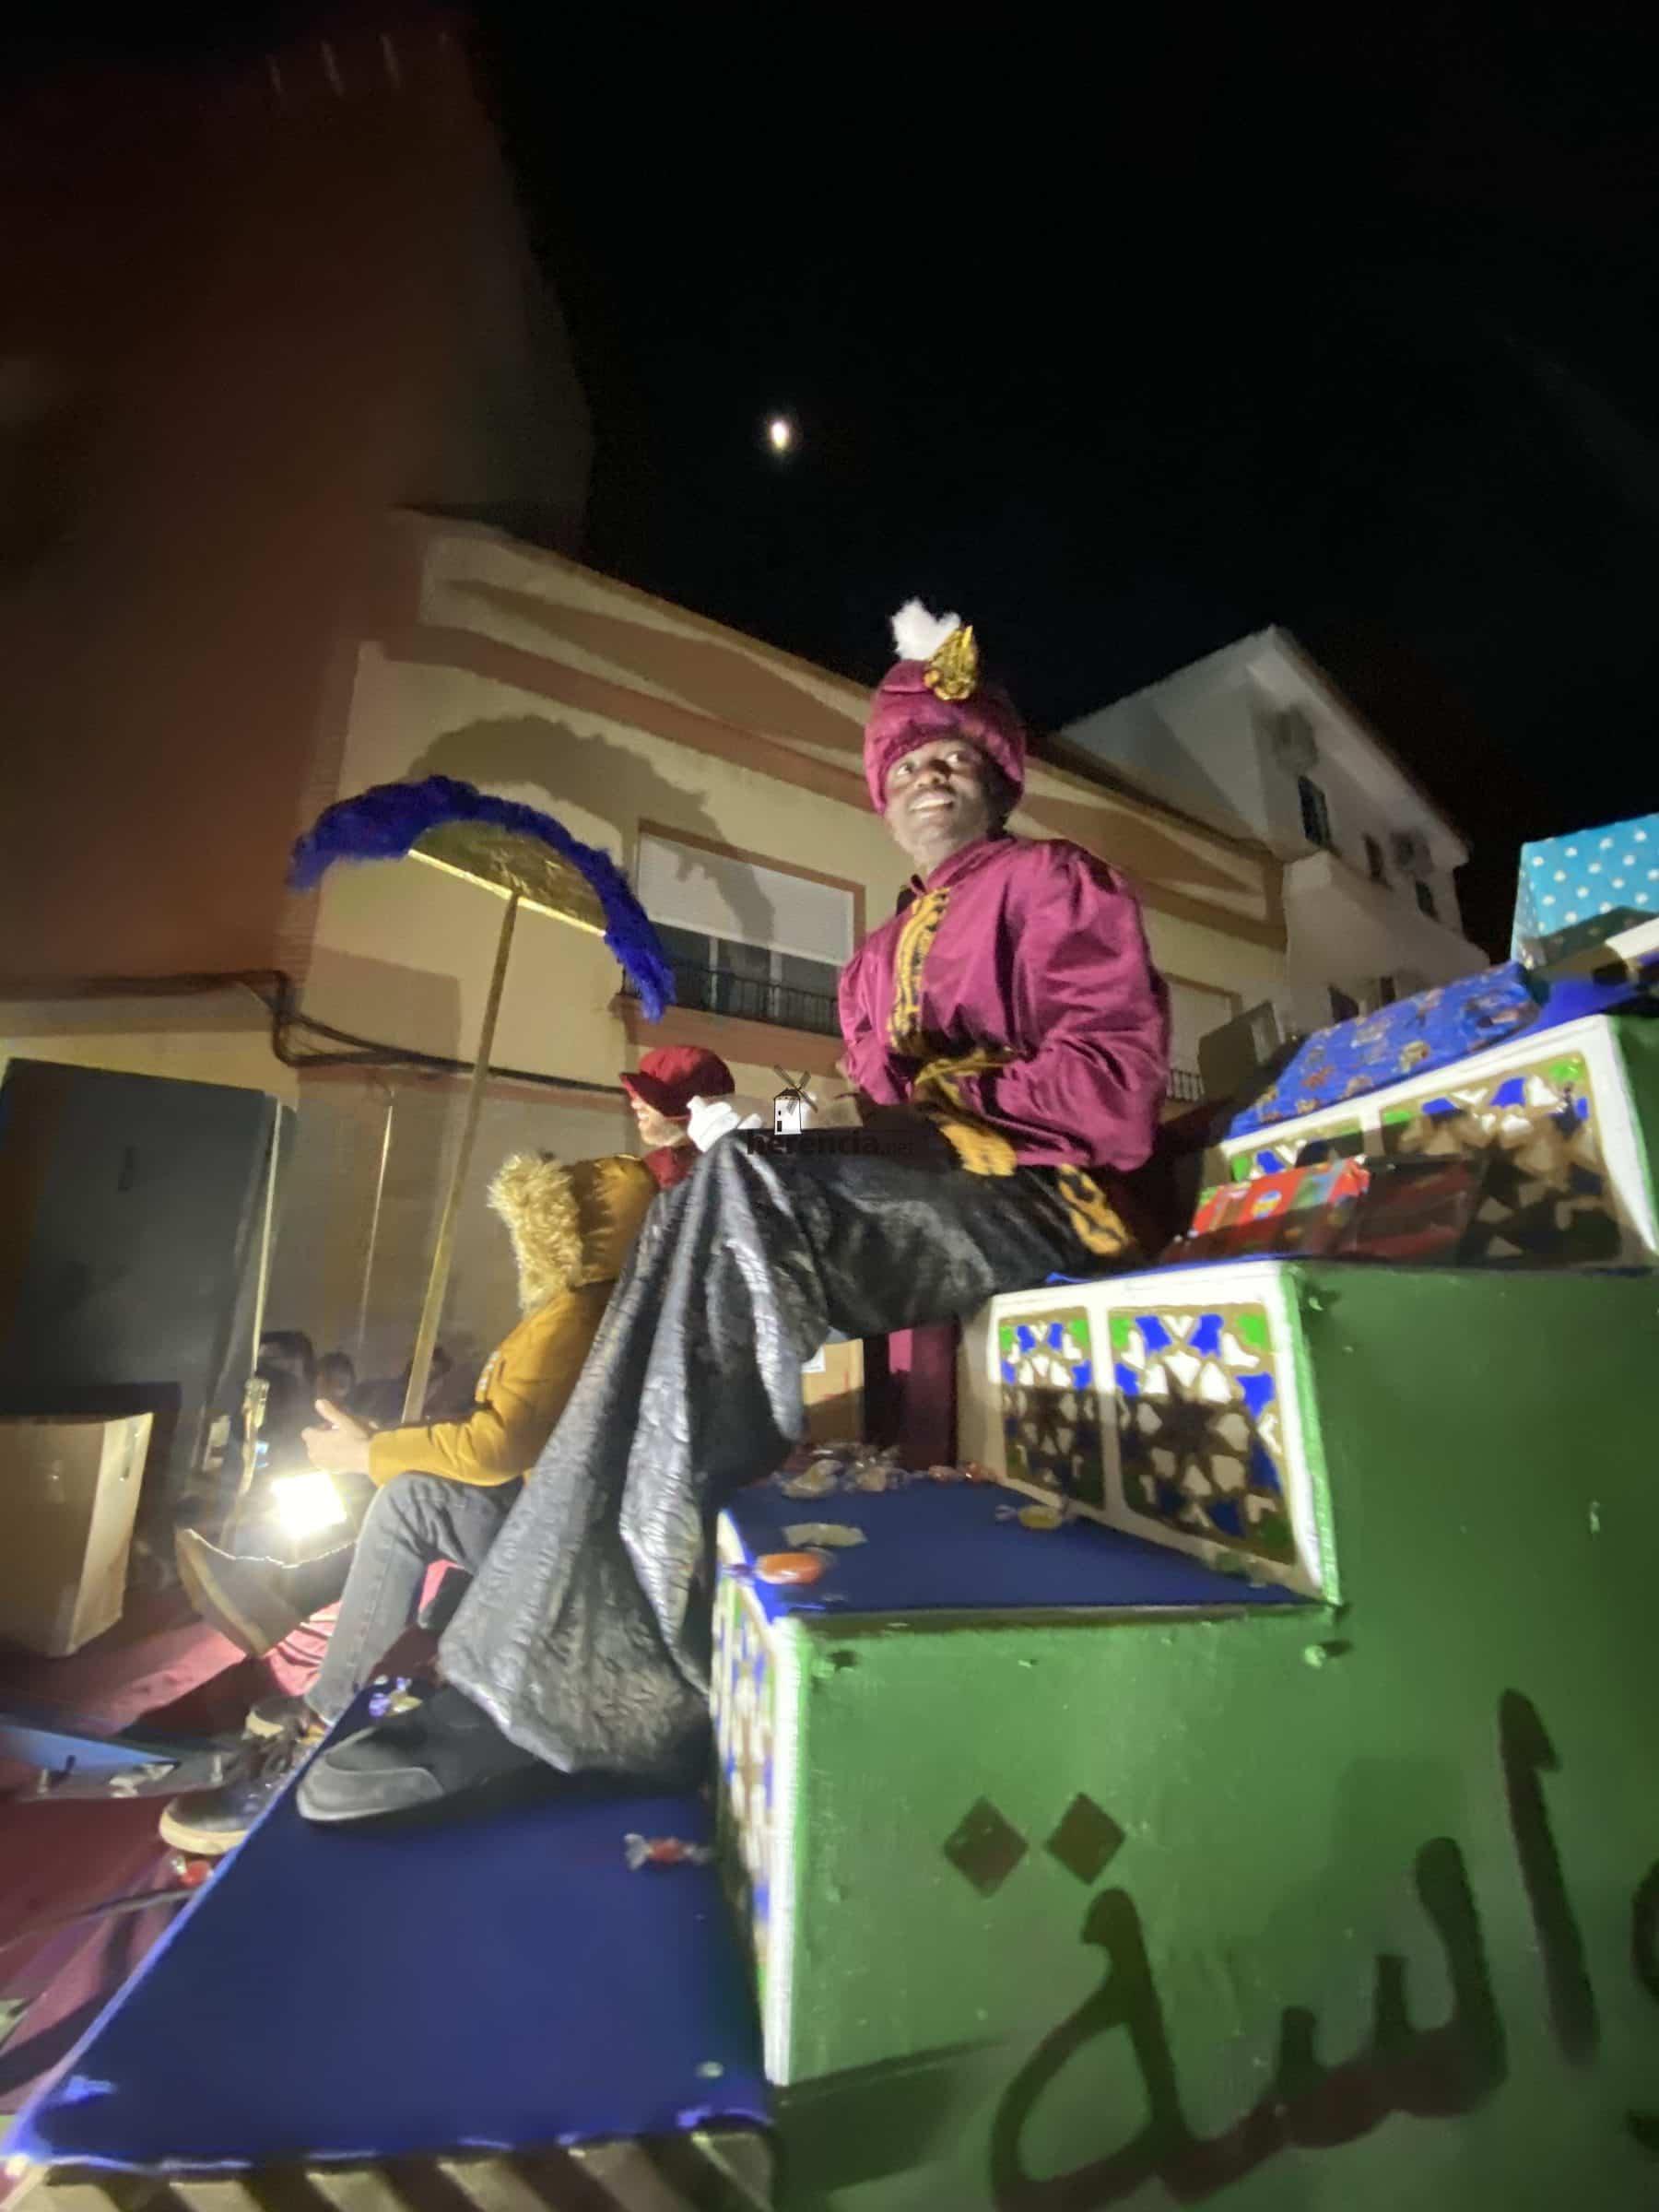 cabalgata reyes 2019 herencia 15 e1578264261499 - Galería de fotografías de Cabalgata de Reyes Magos de Herencia